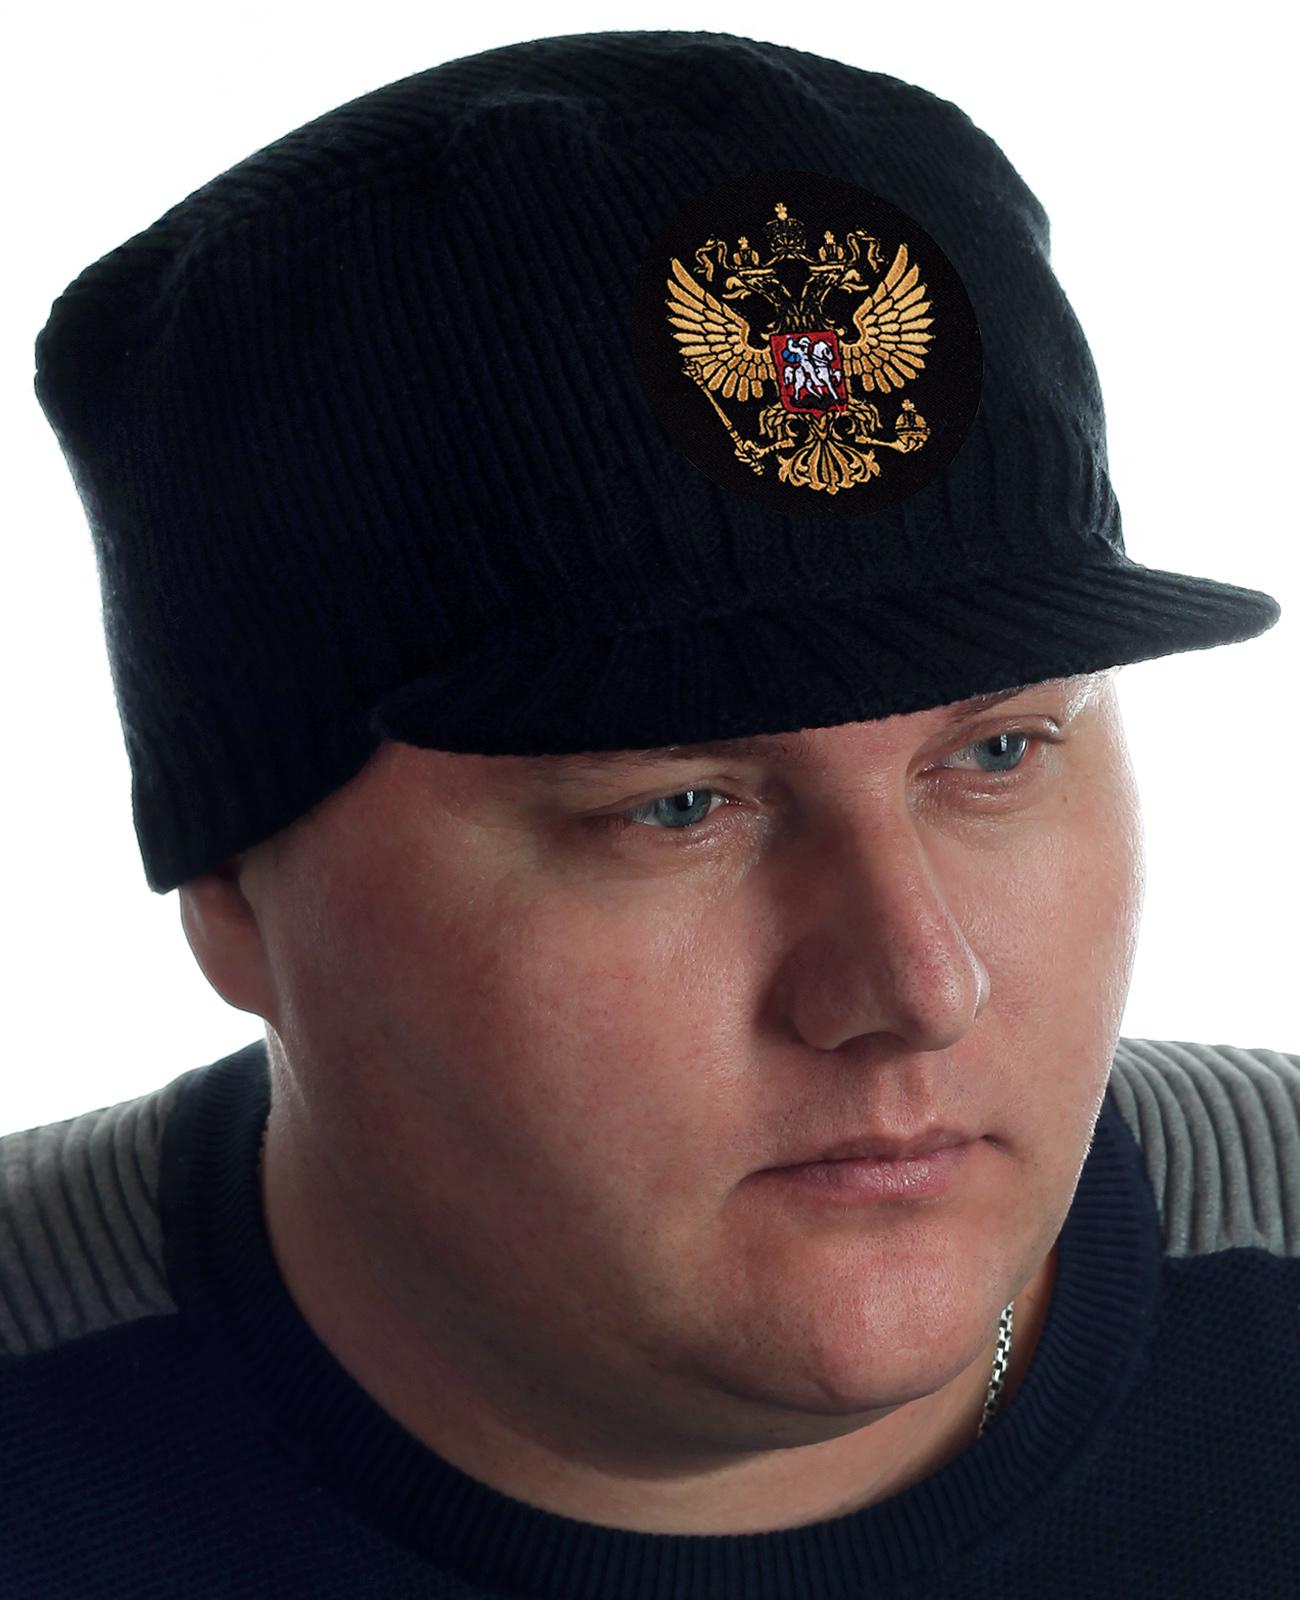 Шапка-кепка с козырьком и гербом России. Купить можно прямо сейчас. Отправим очень быстро!